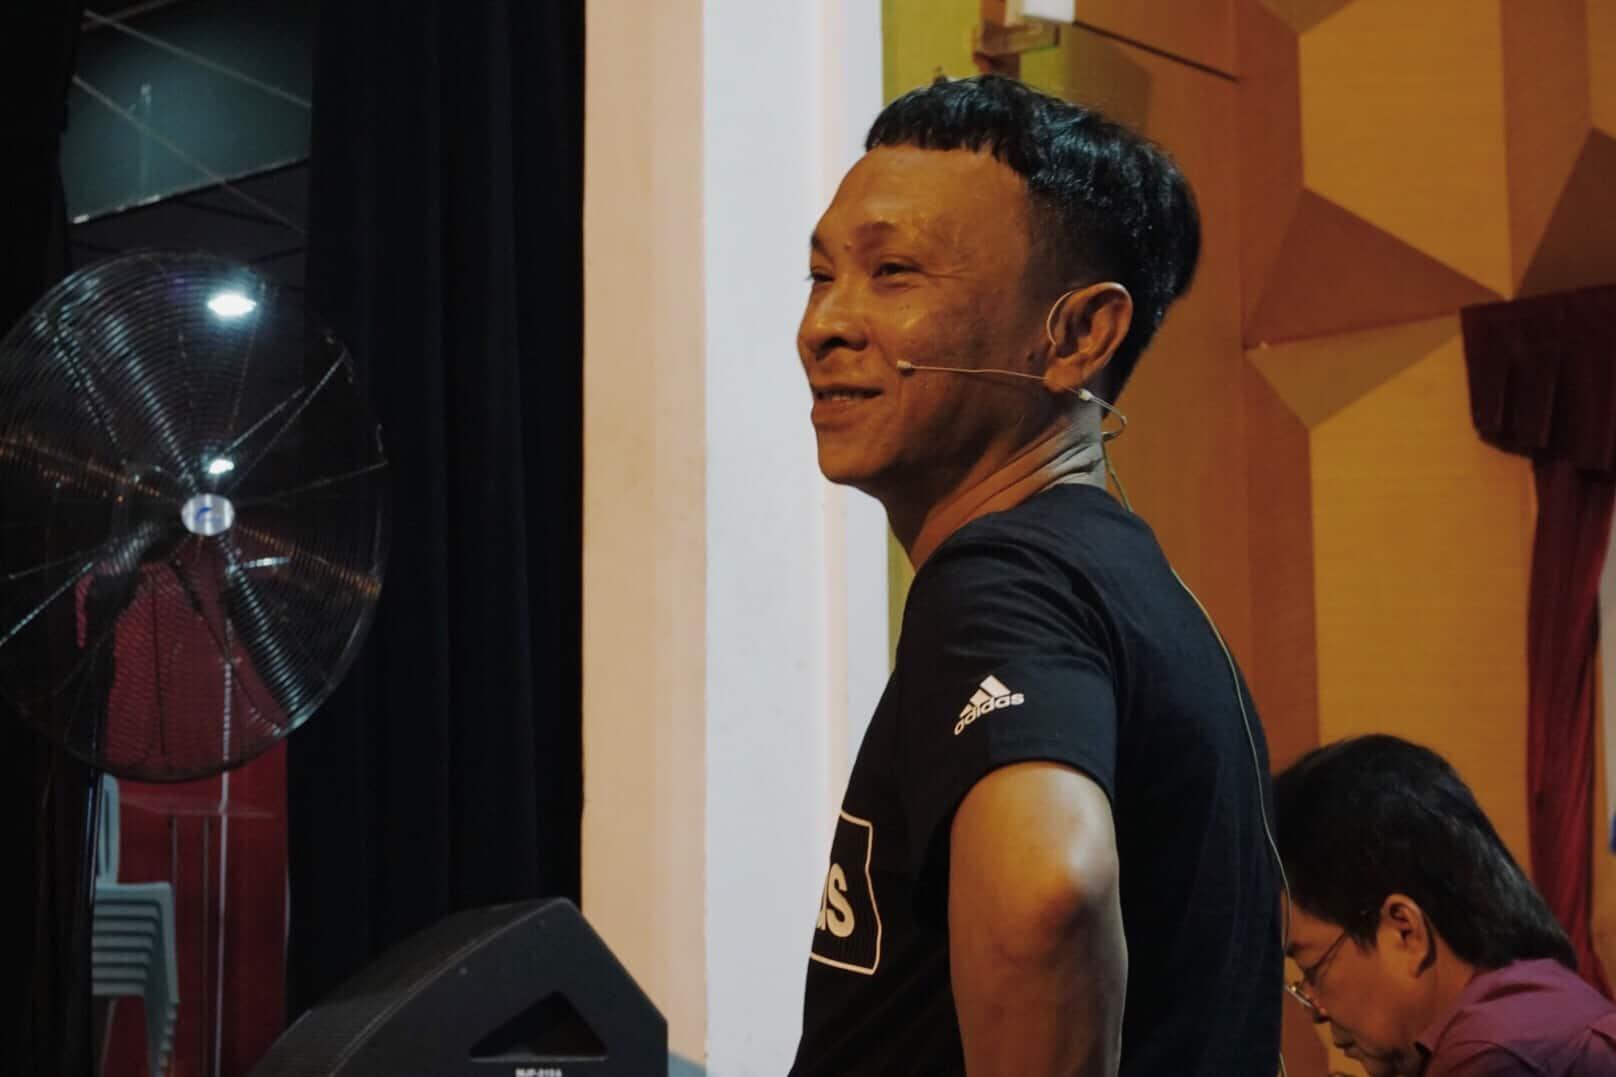 Nghệ sĩ Dũng Nhí giản dị và gần gũi sau ánh đèn sân khấu